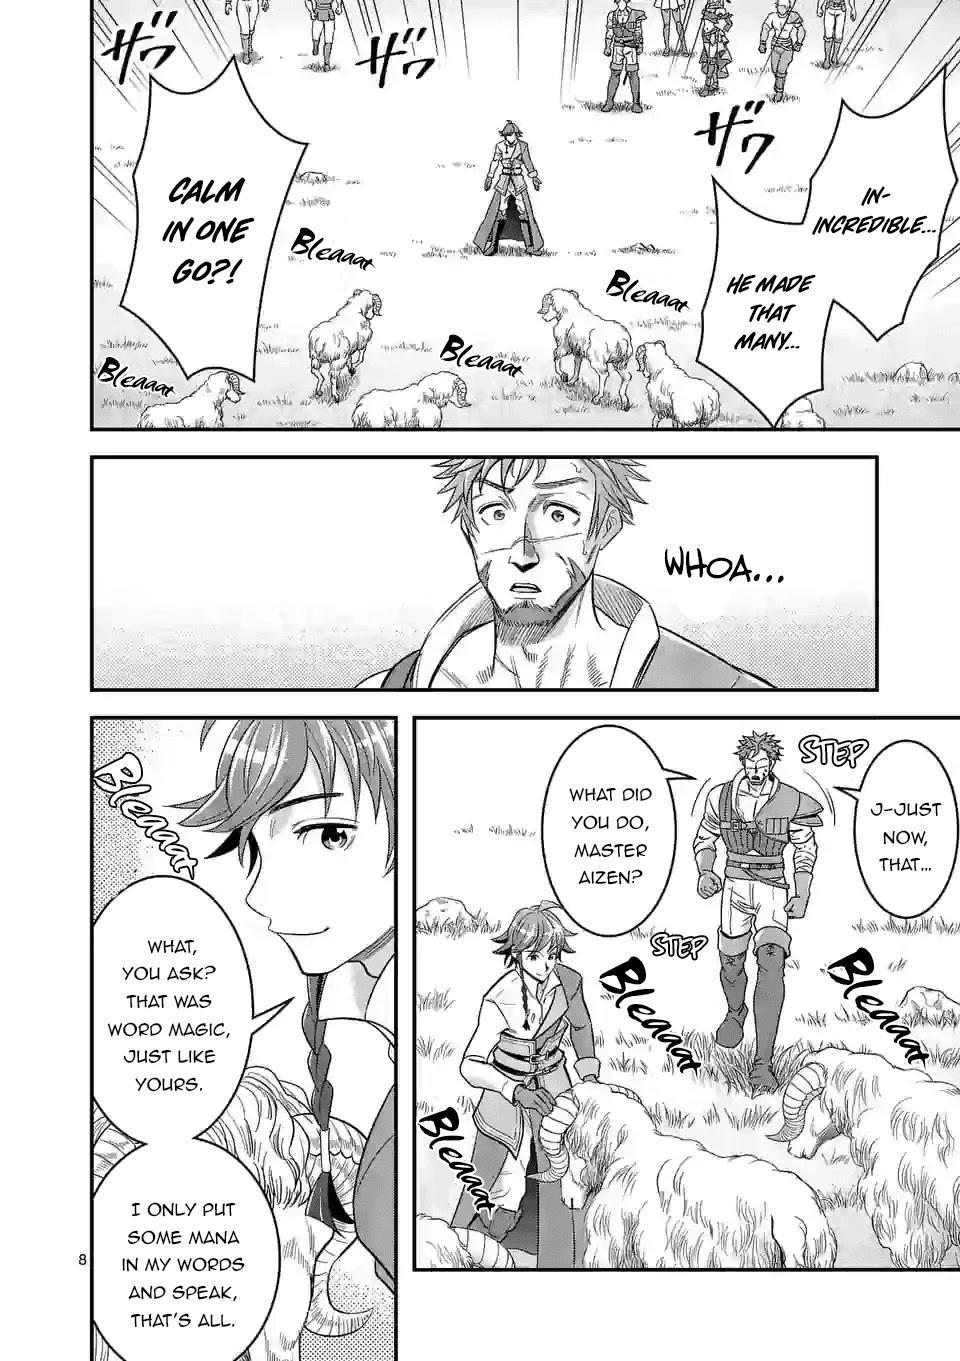 100-Nin No Eiyuu O Sodateta Saikyou Yogensha Wa, Boukensha Ni Natte Mo Sekaijuu No Deshi Kara Shitawarete Masu Chapter 27 page 9 - Mangakakalots.com